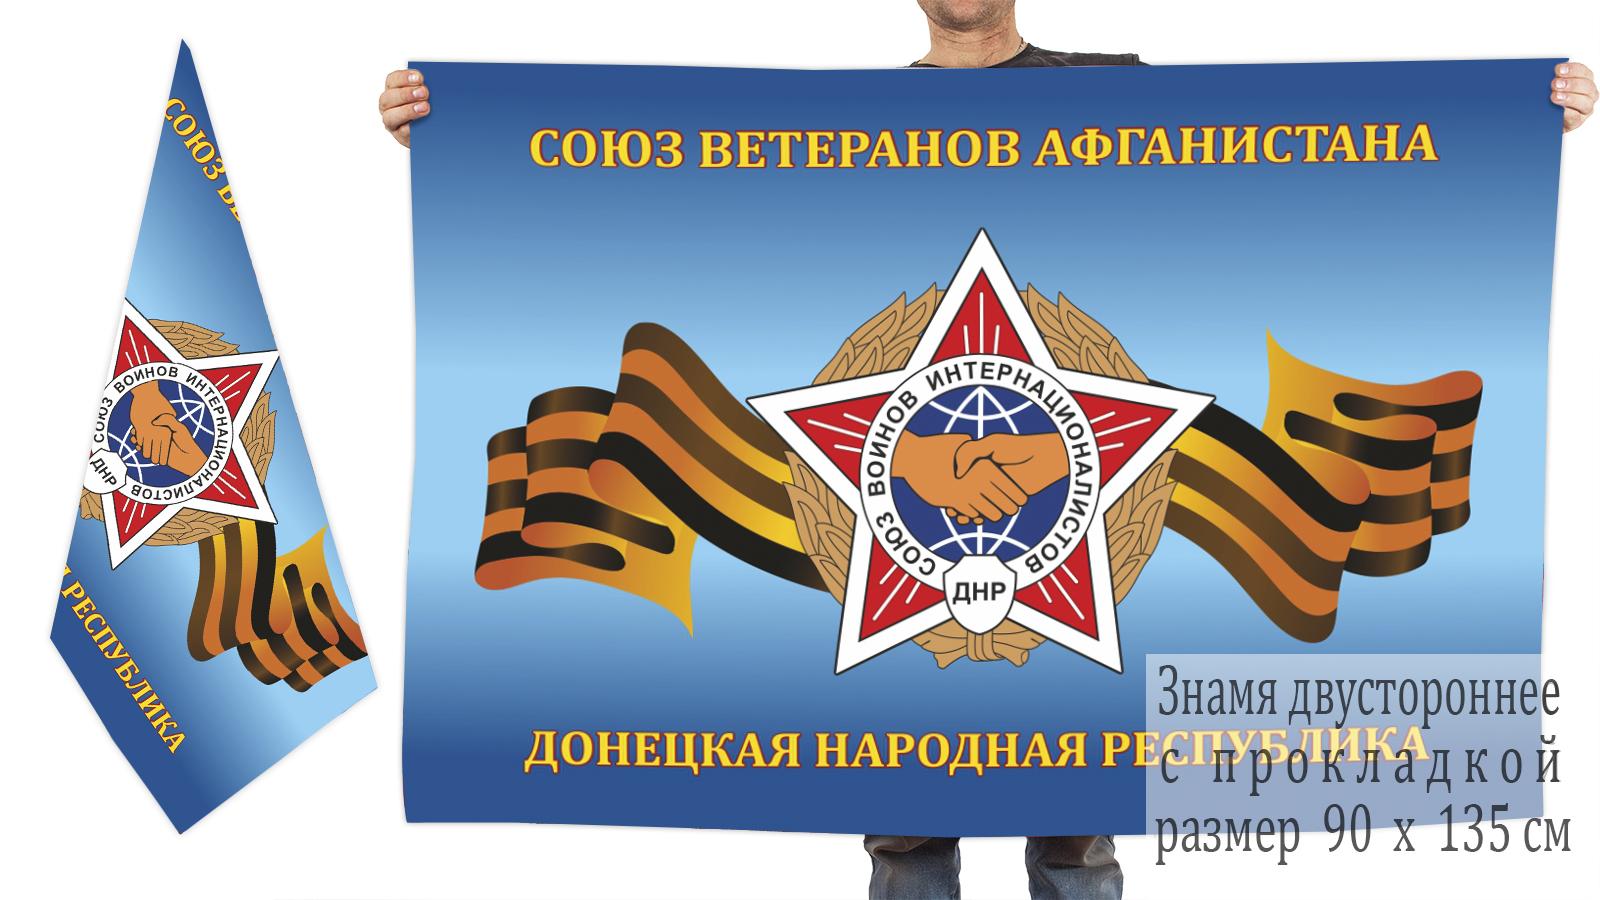 Двусторонний флаг Союза ветеранов Афганистана Донецкой Народной Республики